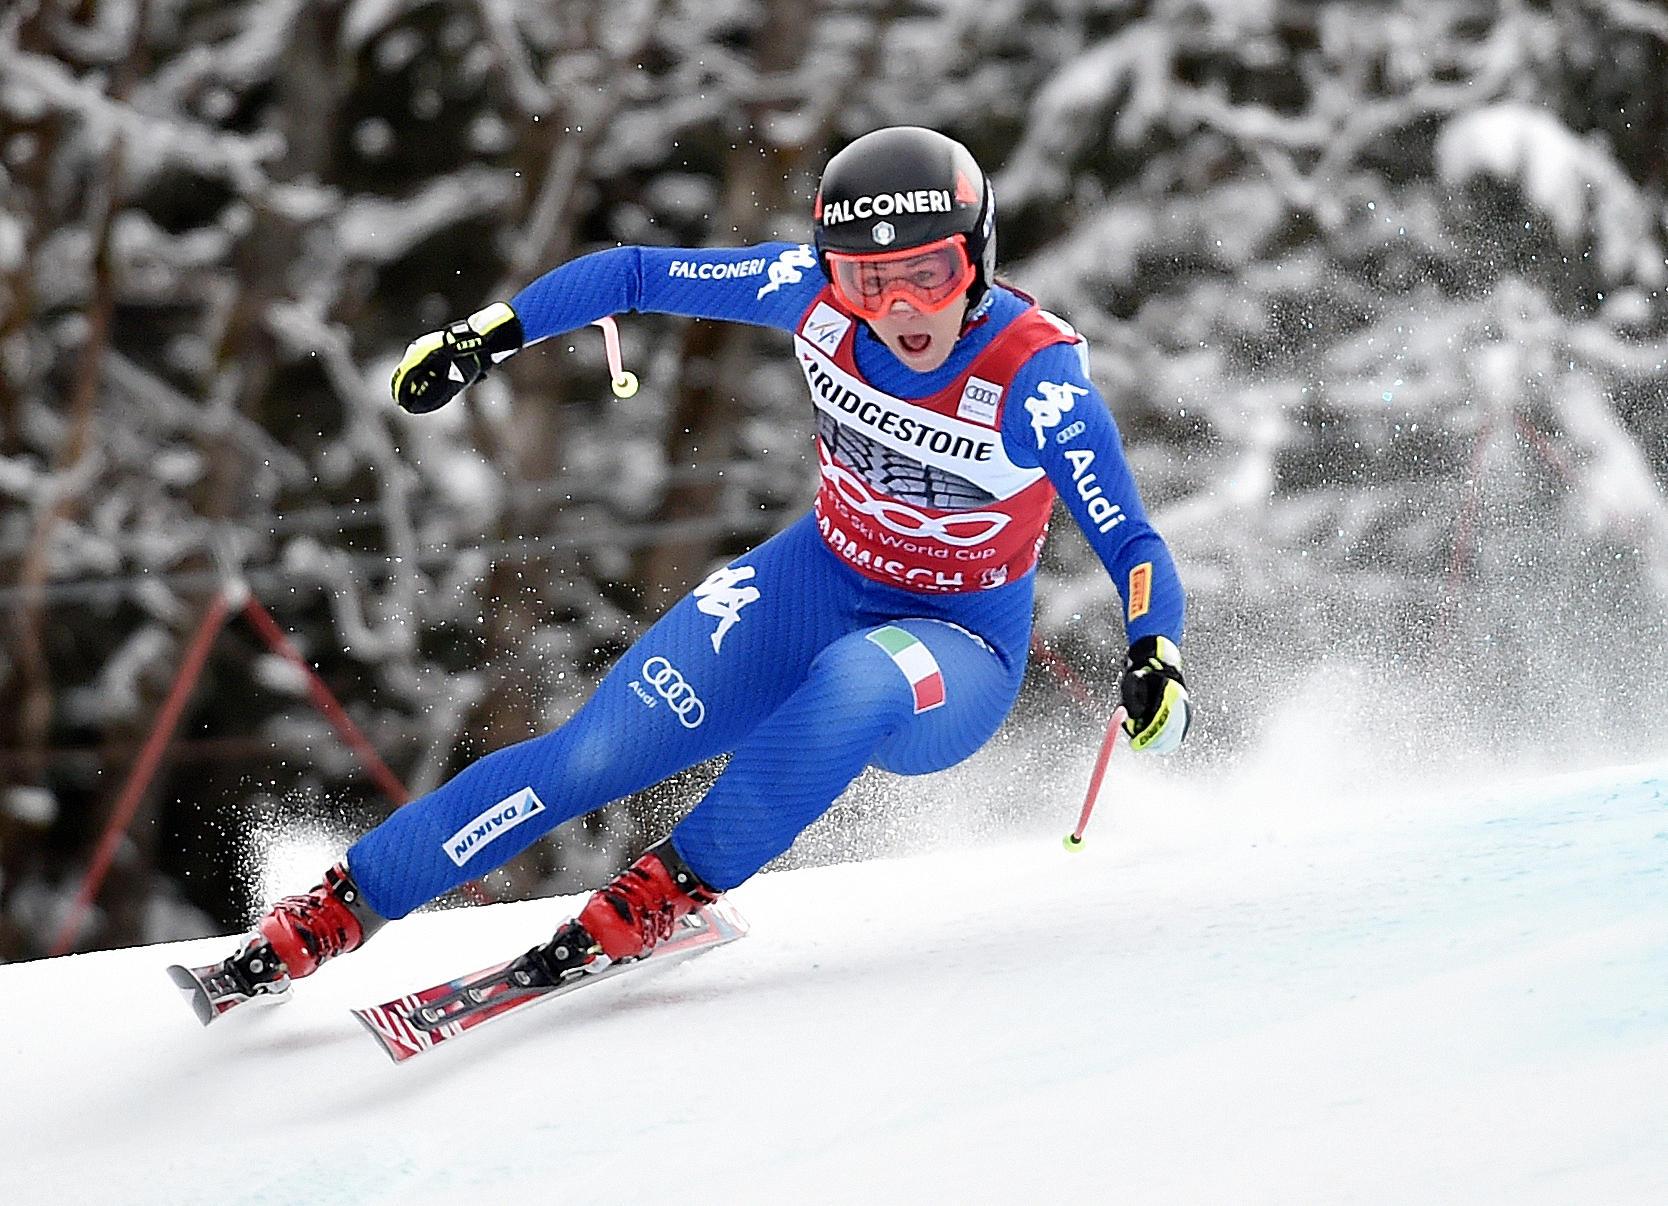 Le foto più belle della sciatrice Sofia Goggia, oro alle Olimpiadi